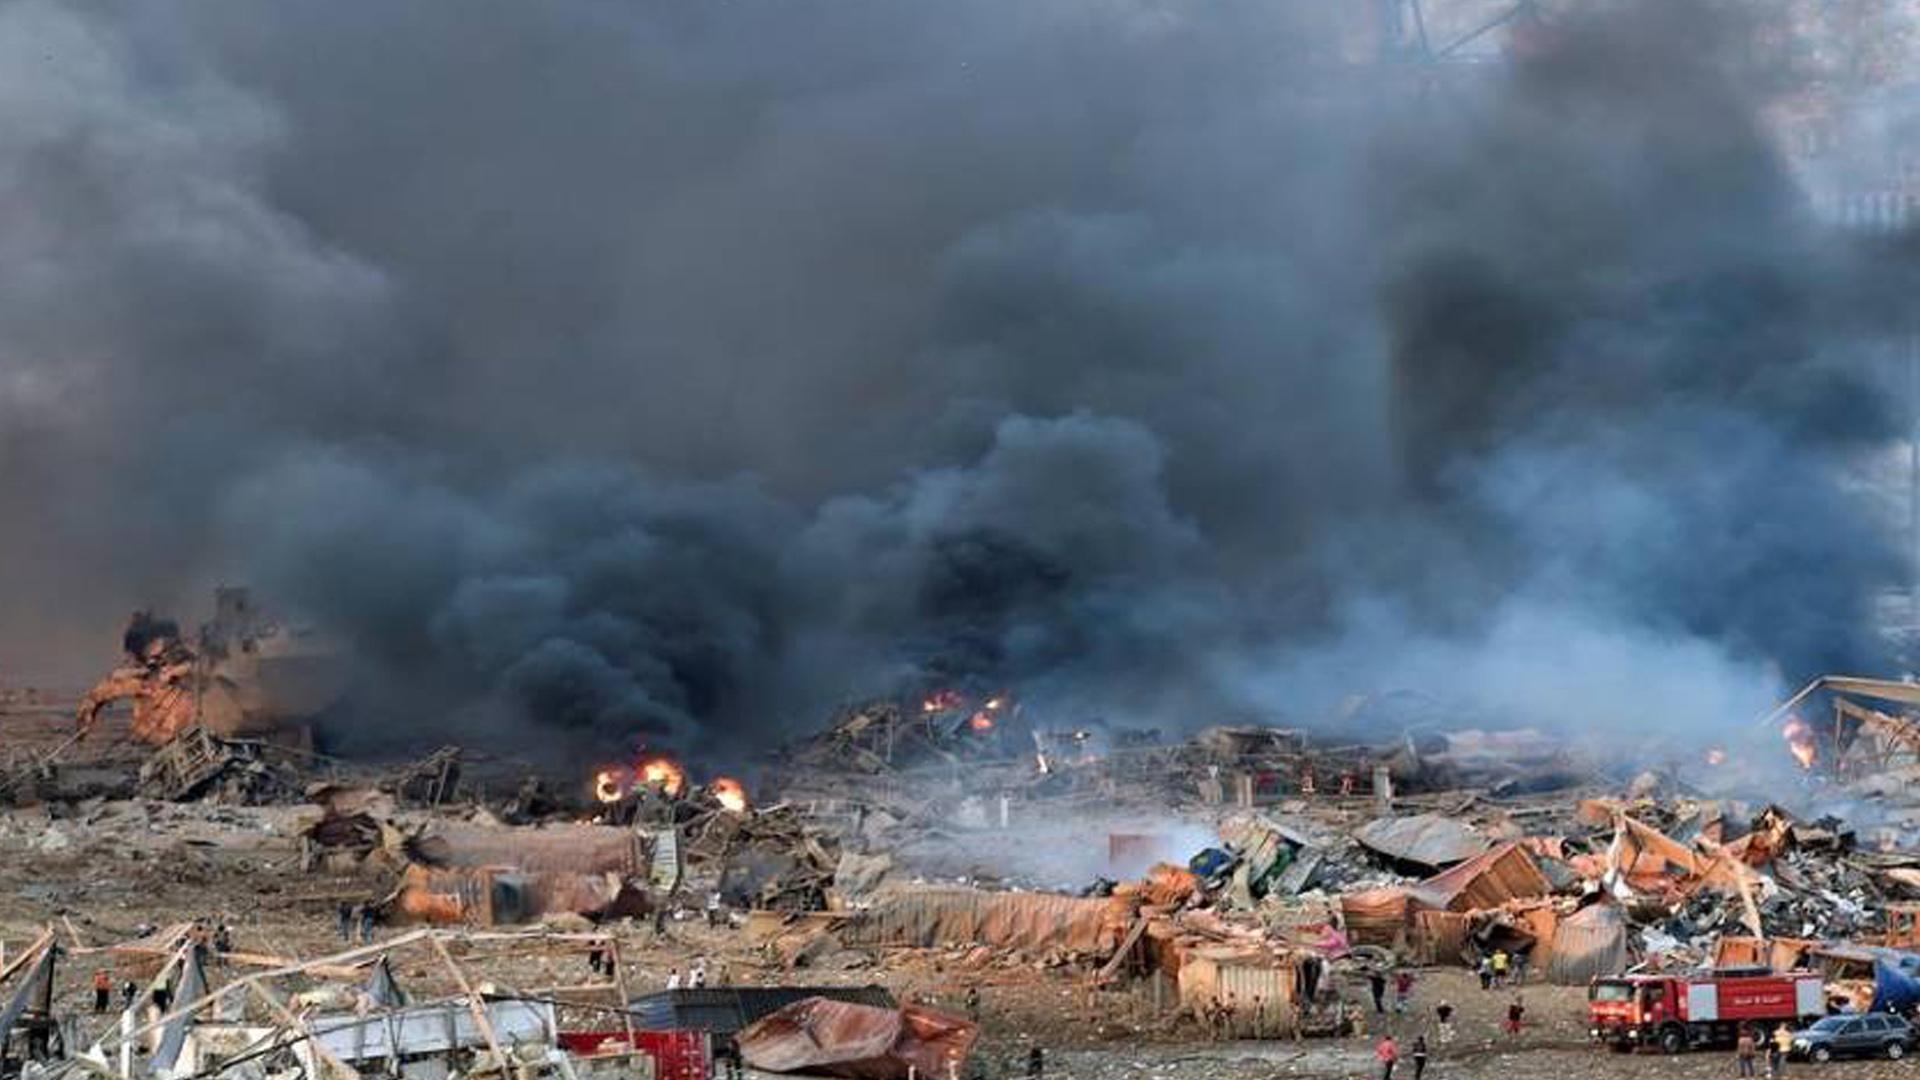 FOTOS | Explosión en Beirut deja al menos 63 muertos y 3.000 heridos